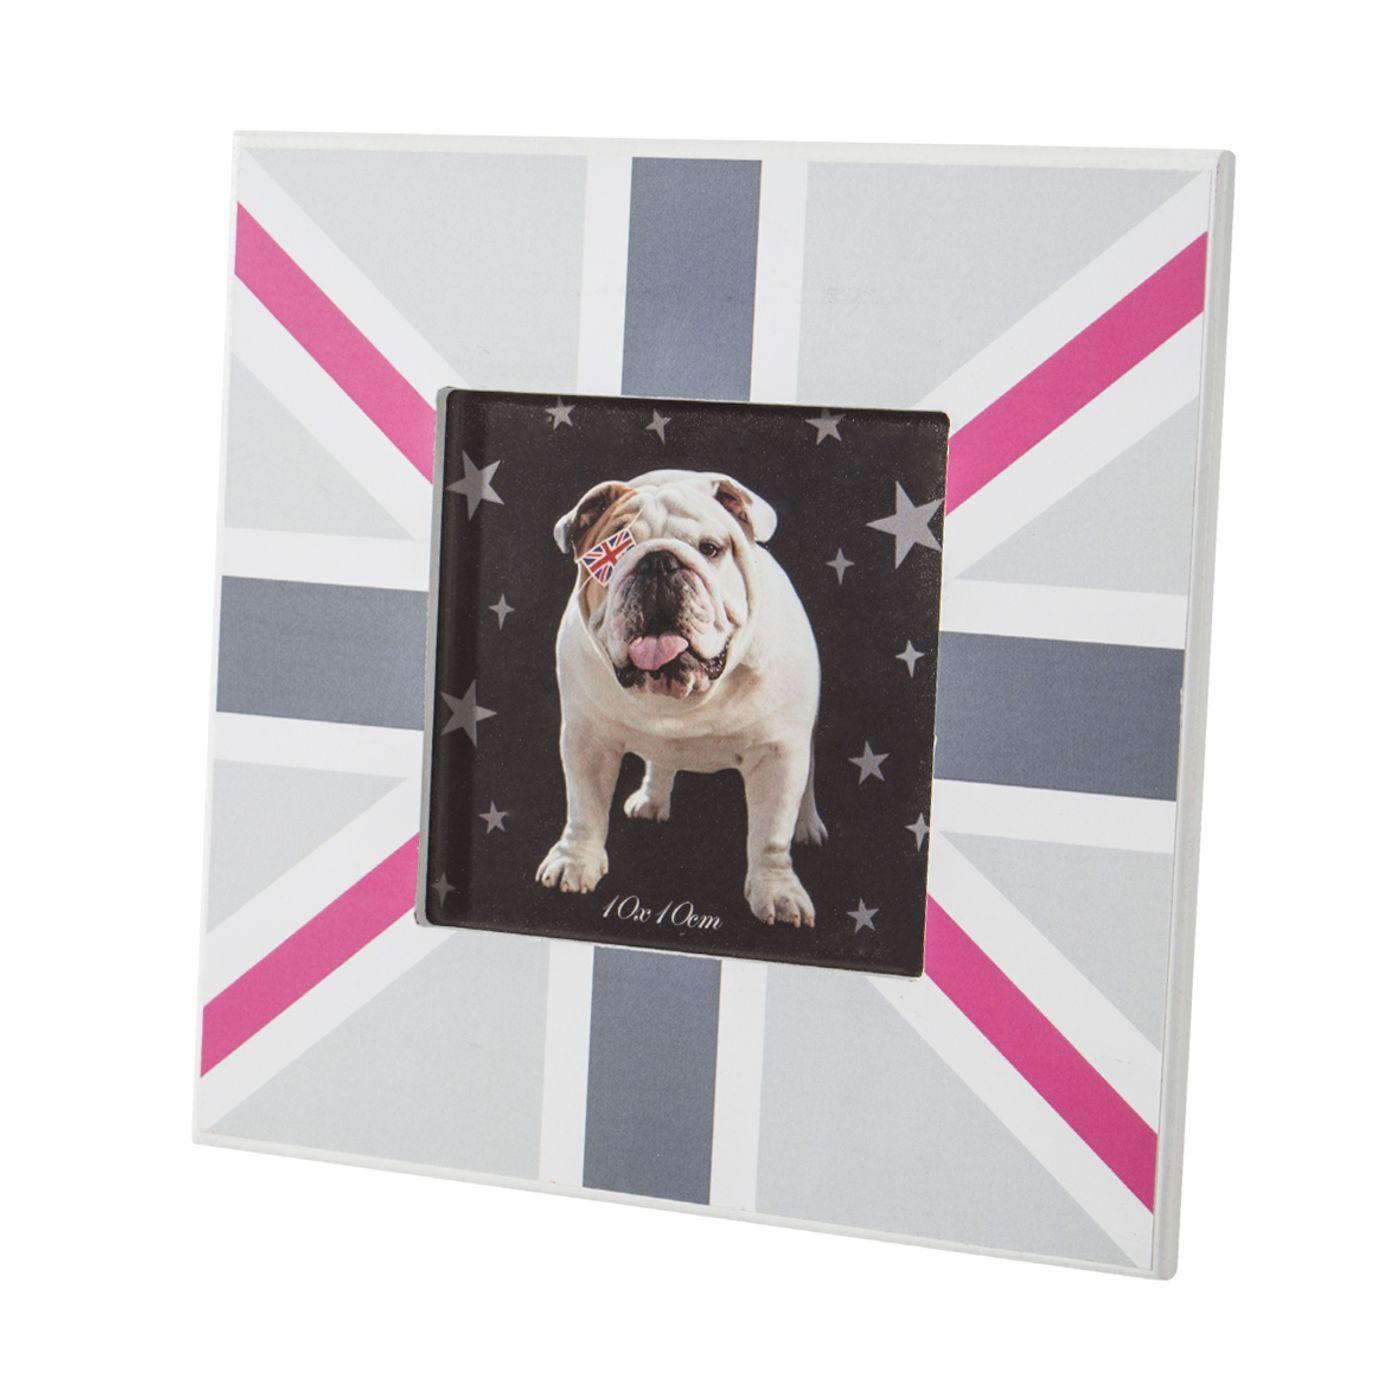 Ramka na zdjęcia z motywem brytyjskiej flagi 17 x 17 x 1 cm